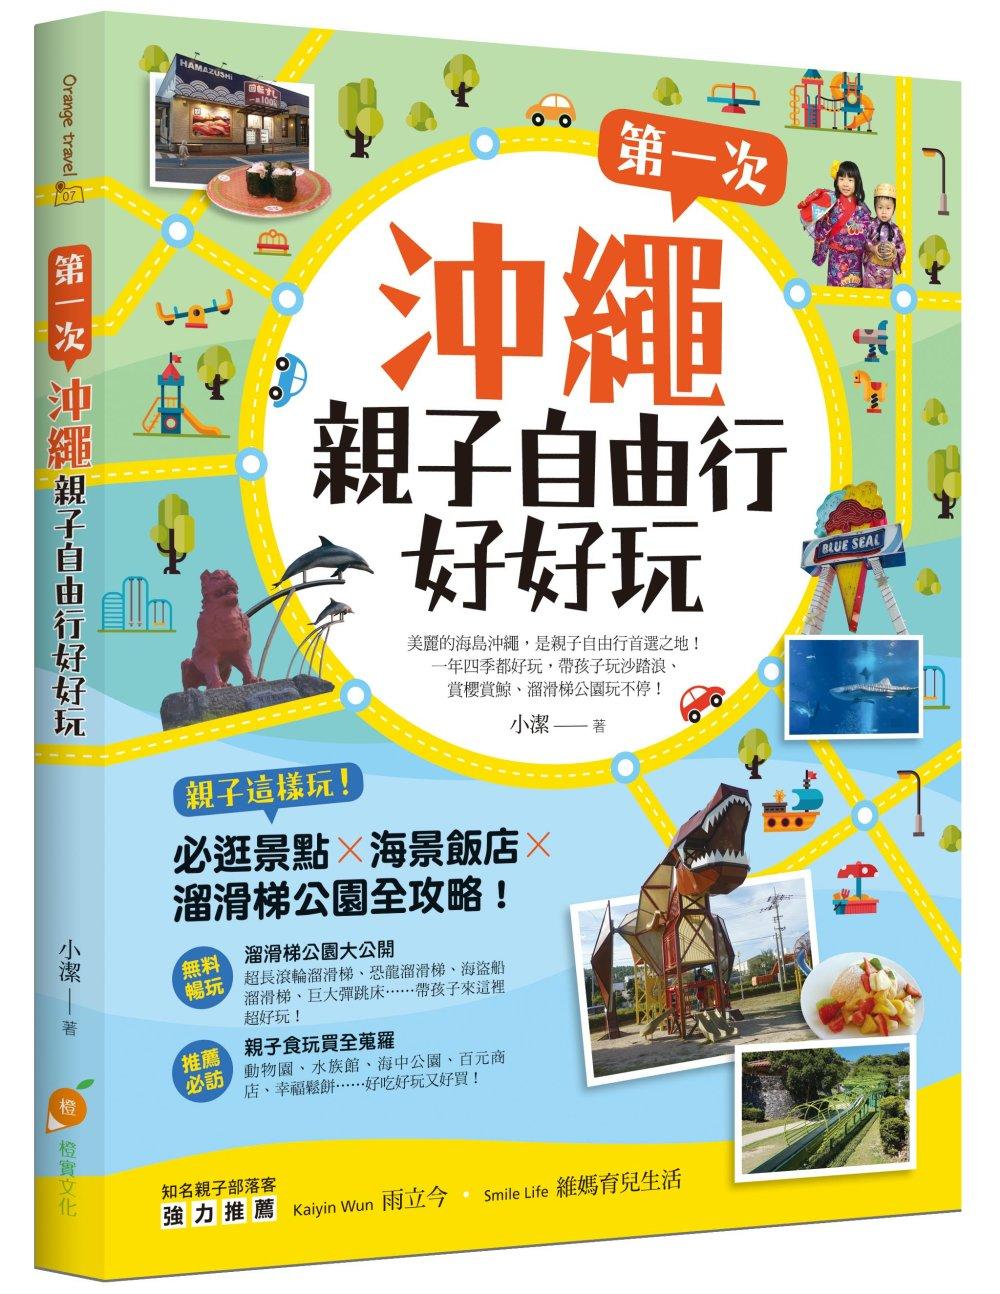 《第一次沖繩親子自由行好好玩:親子這樣玩!必逛景點 X海景飯店 X溜滑梯公園全攻略!》 商品條碼,ISBN:9789869573450